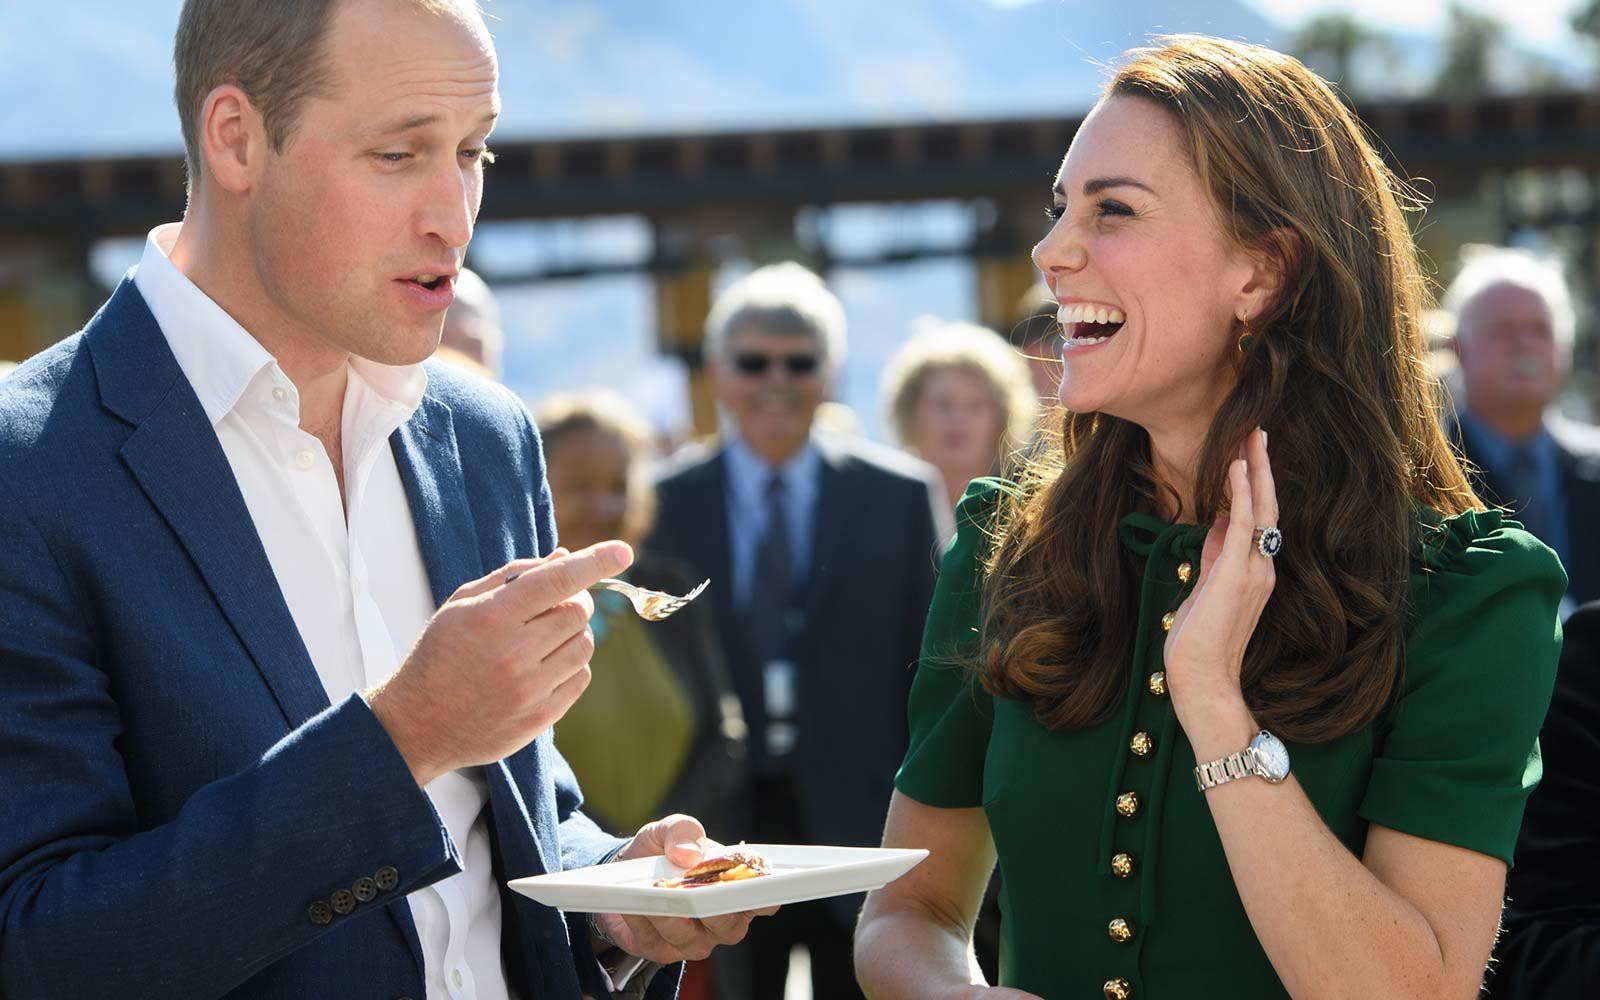 7 quy tắc ứng xử Hoàng gia mà công nương, công chúa nào cũng phải theo: Ngồi sao cho duyên, cầm clutch sao cho quý phái... - Ảnh 6.